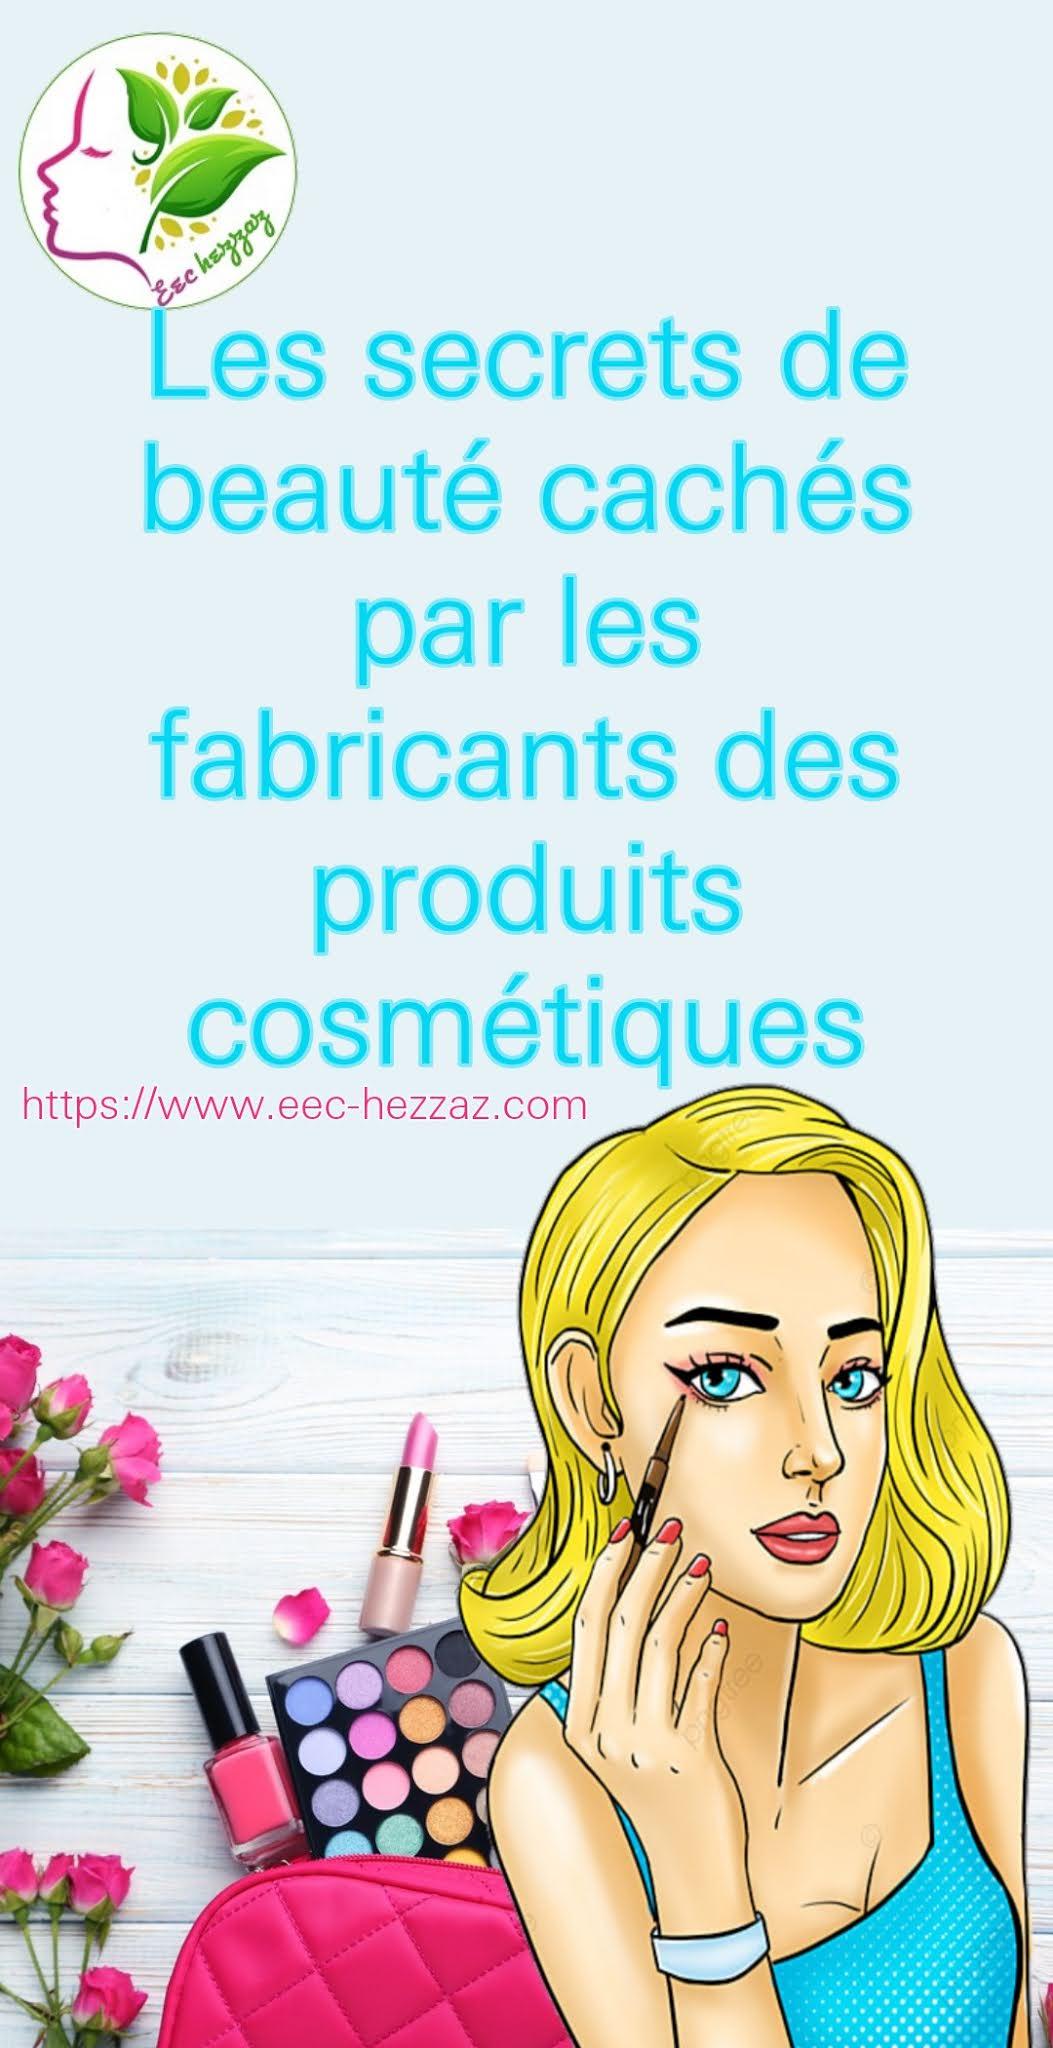 Les secrets de beauté cachés par les fabricants des produits cosmétiques